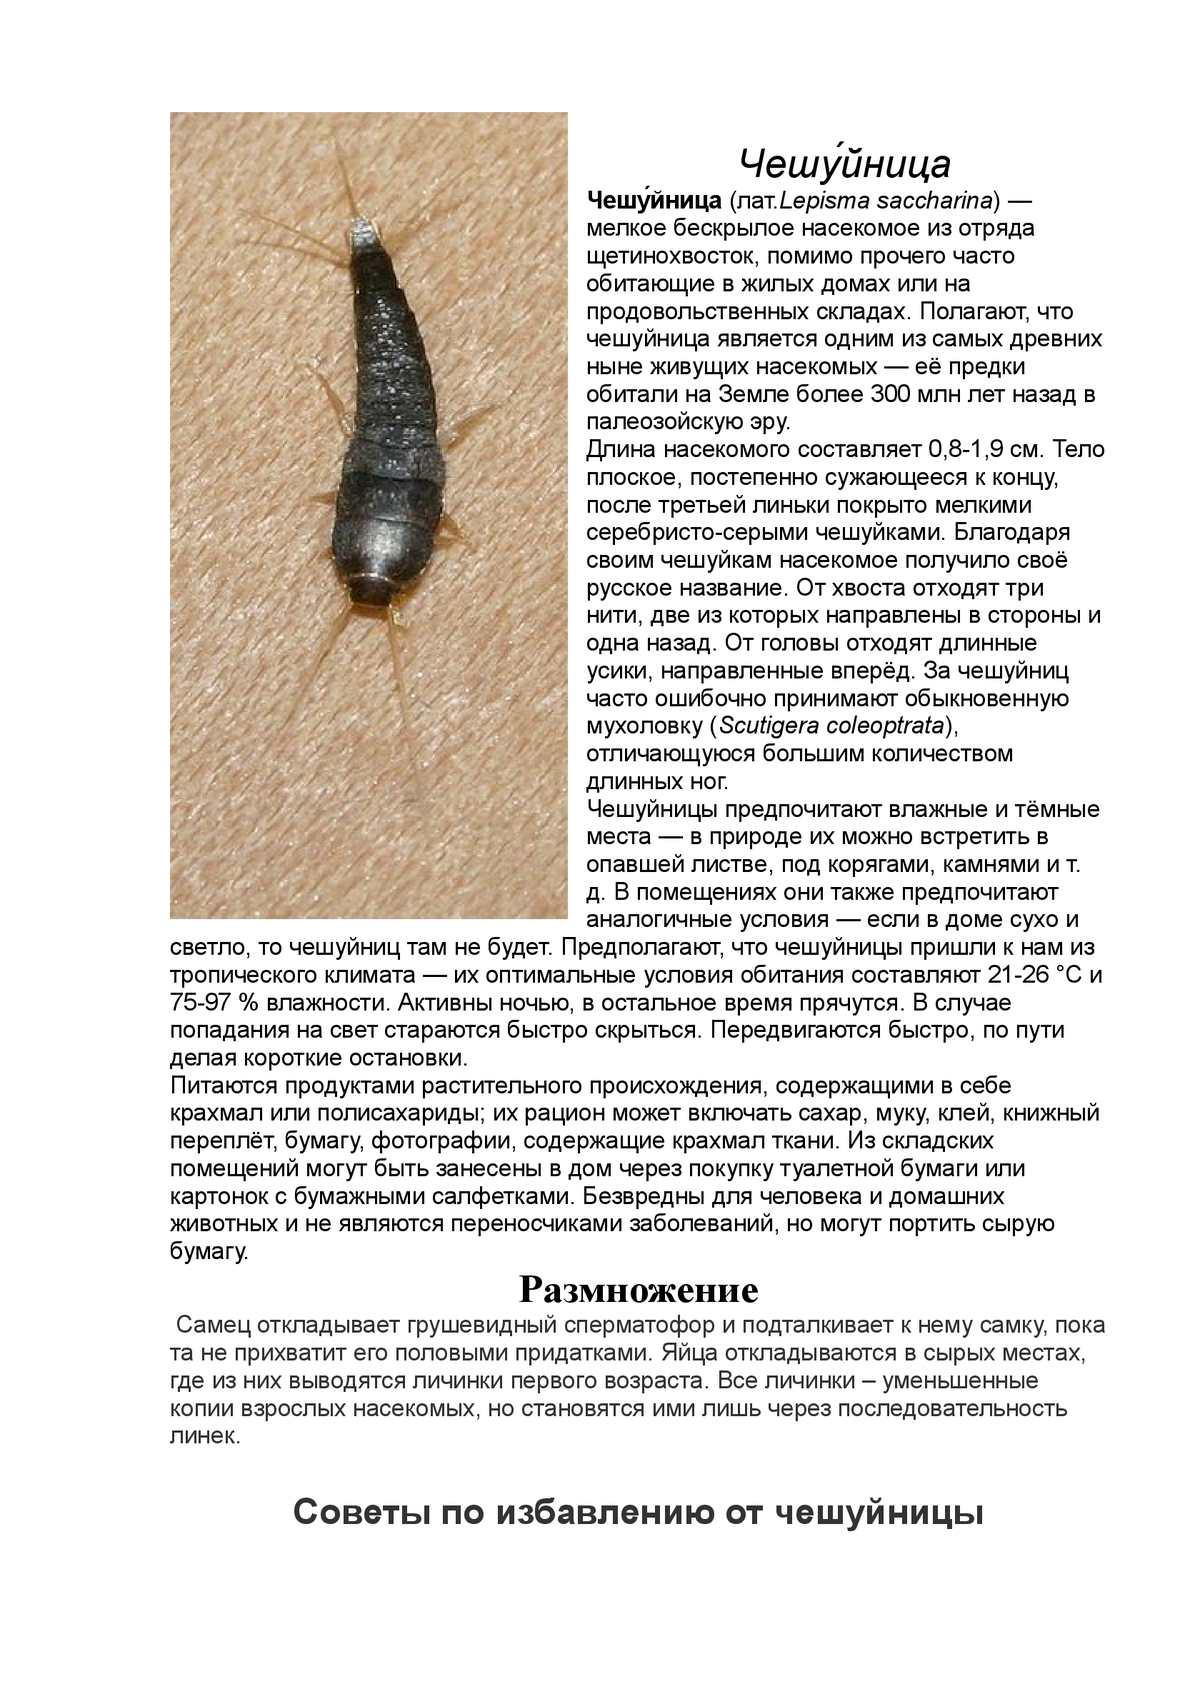 Как избавиться от чешуйницы в квартире навсегда? | ubirahka.ru